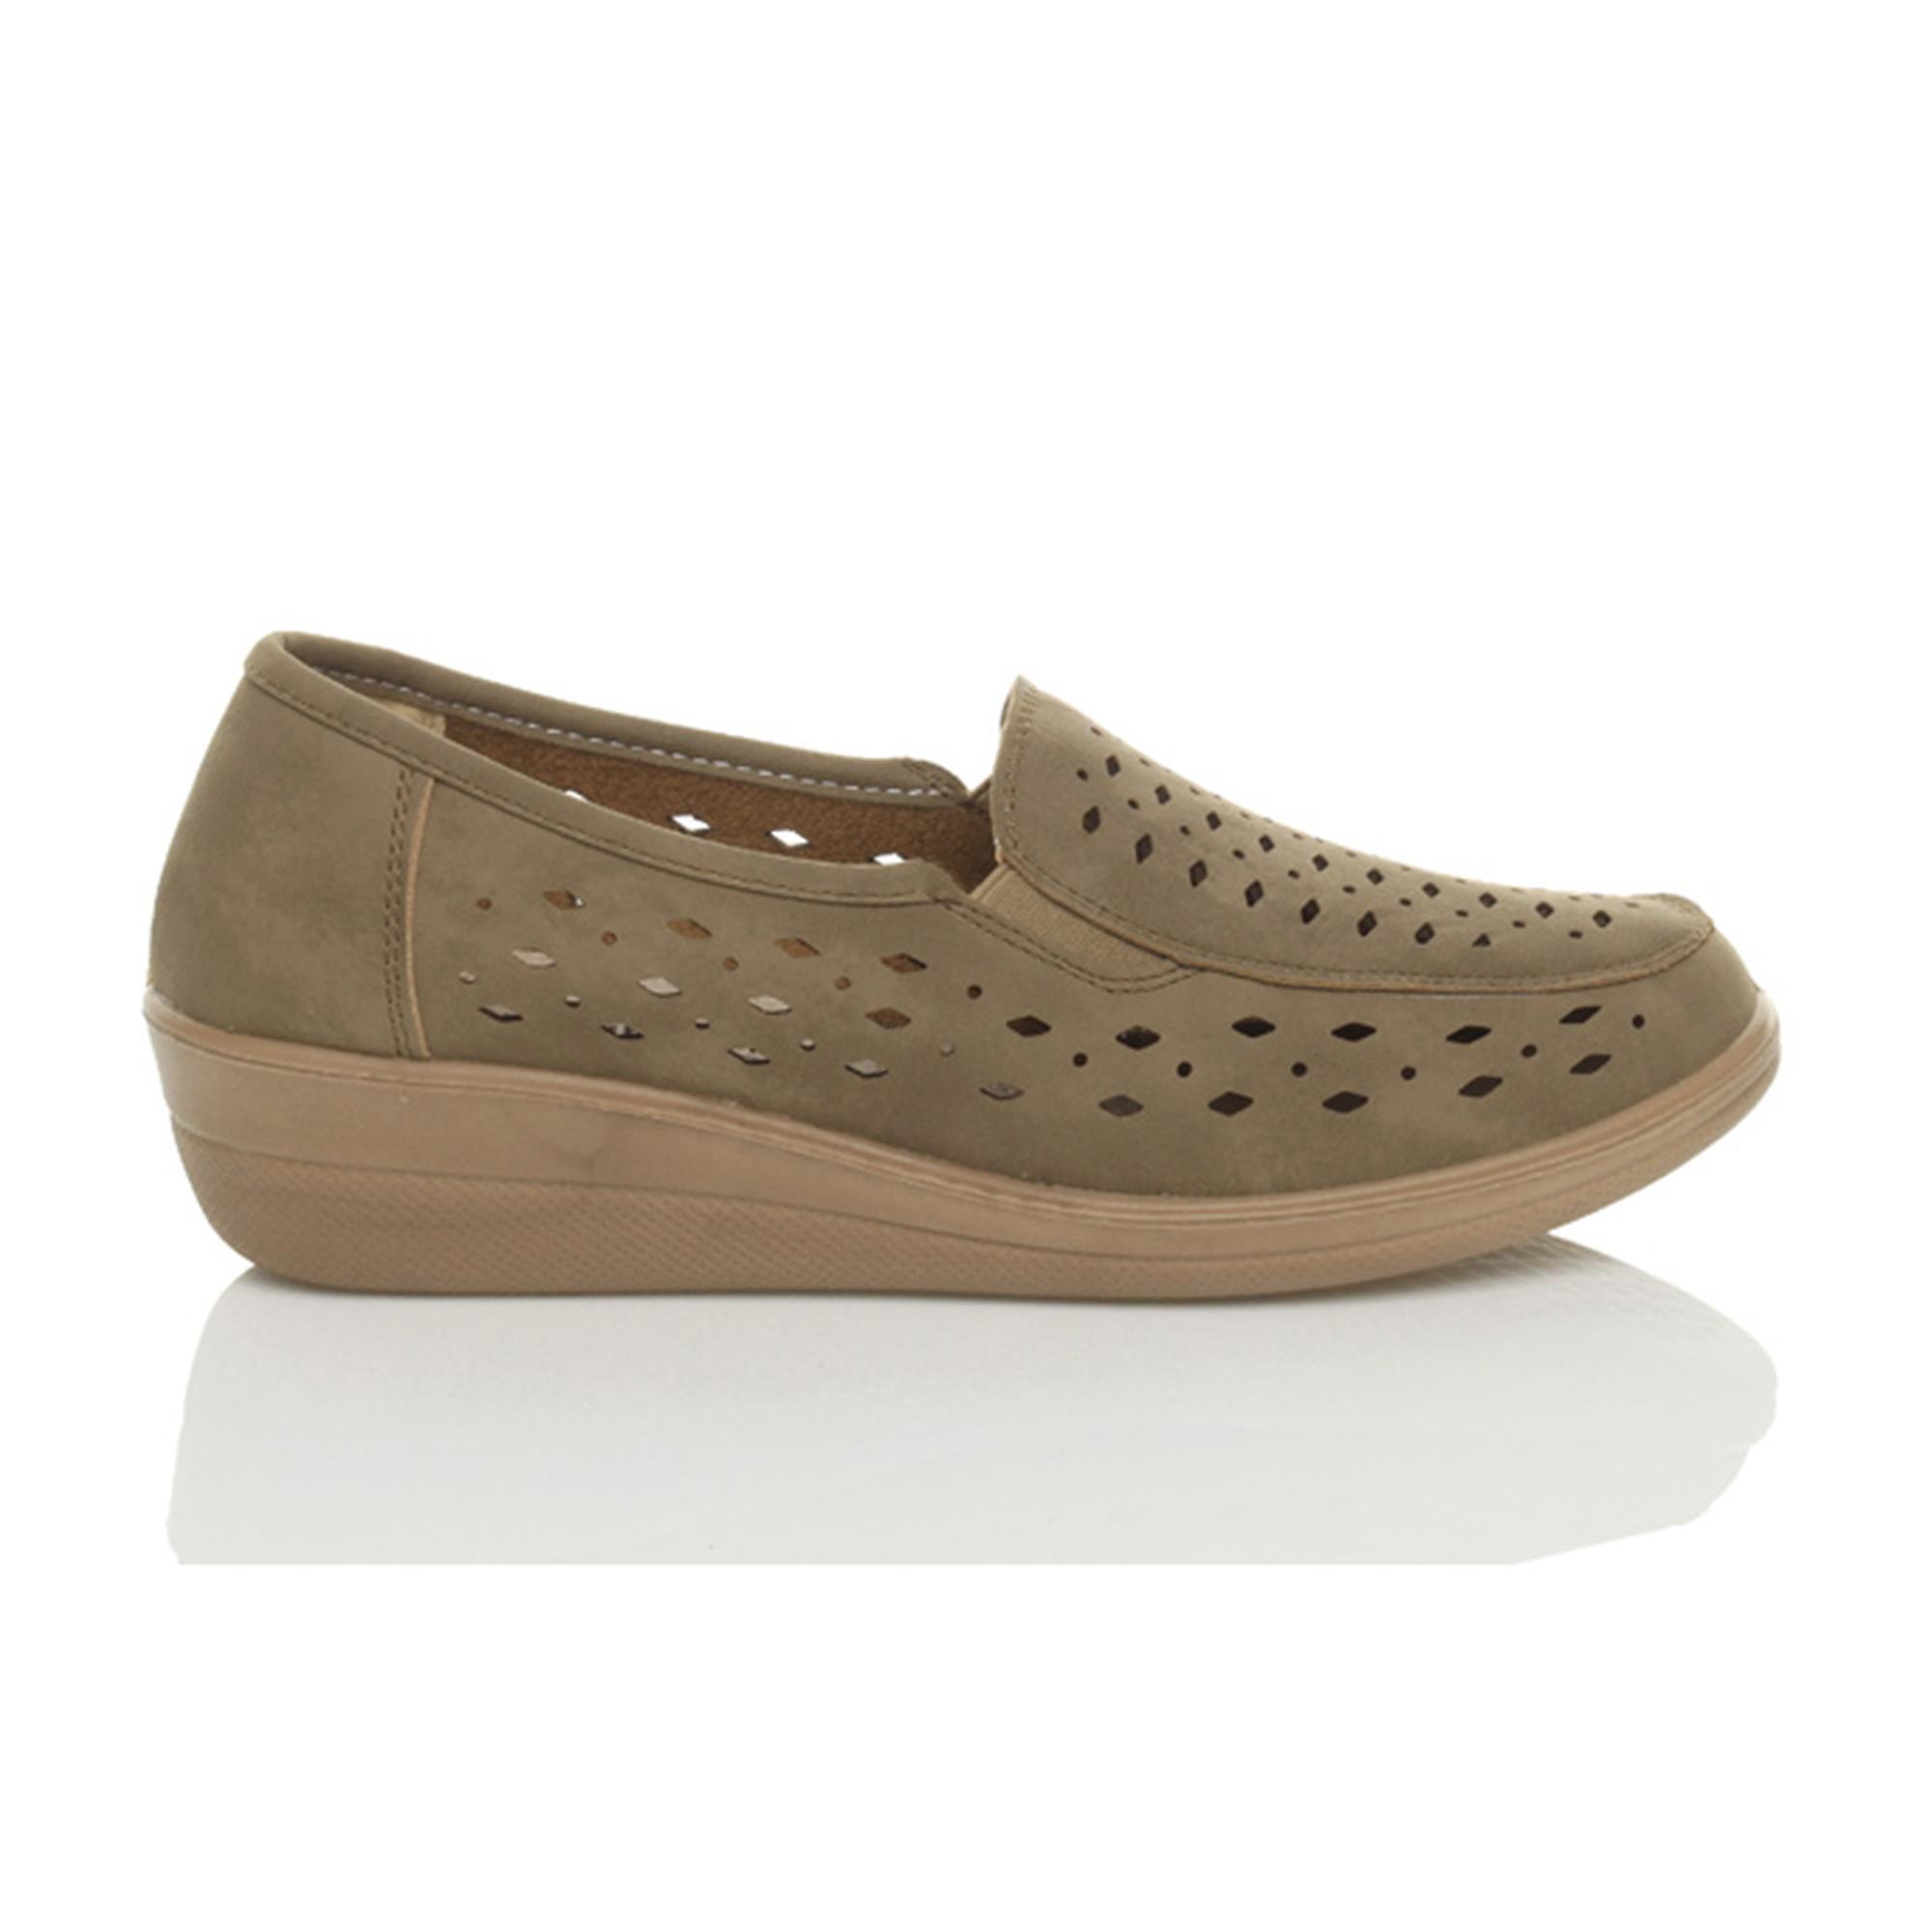 Ajvani womens wedge travail plat flexible confort mocassins chaussons chaussures de marche